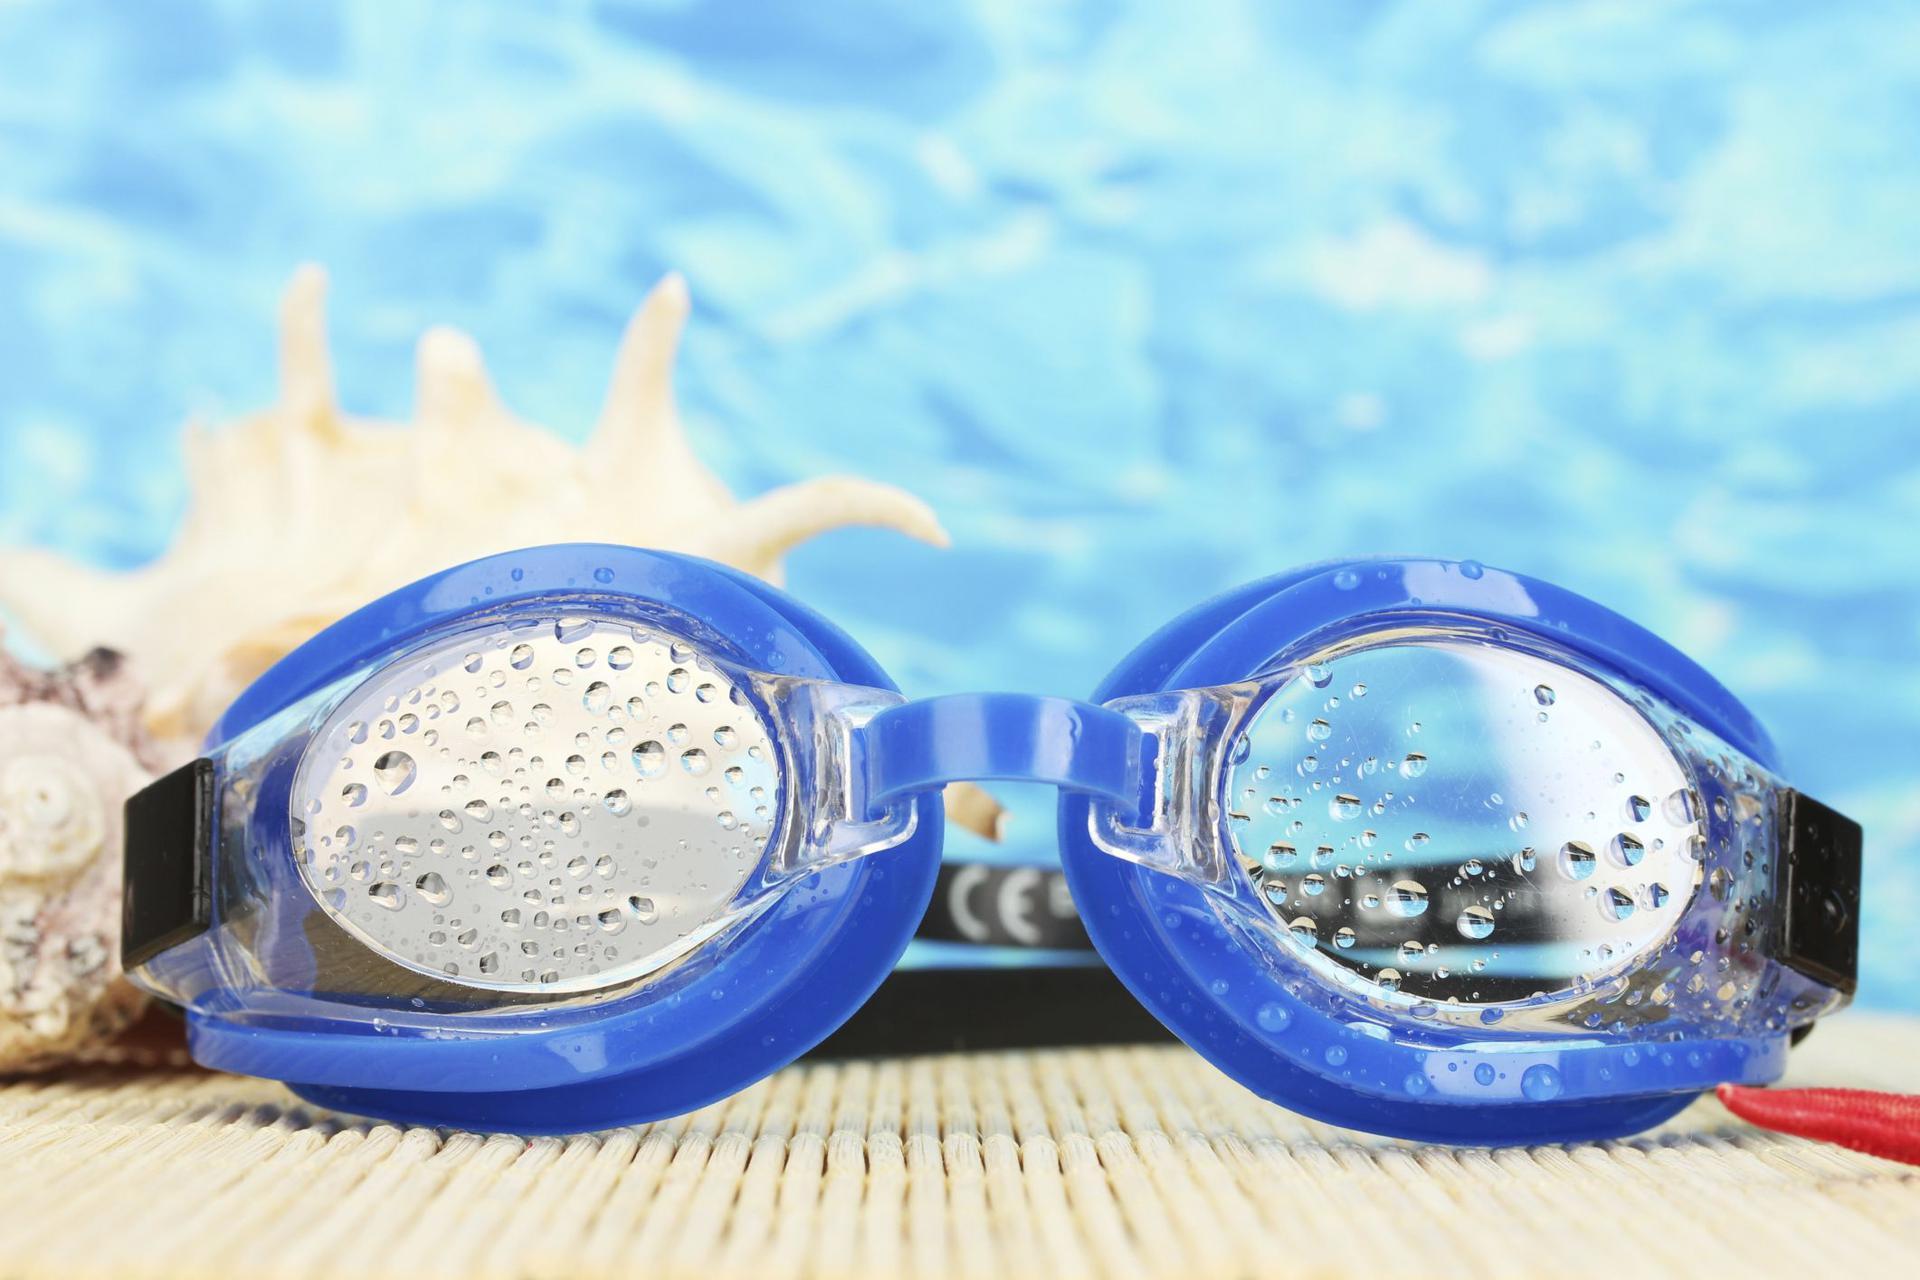 0febe7acdd8527 Okulary do pływania: jakie kupić? - WFormie24.pl